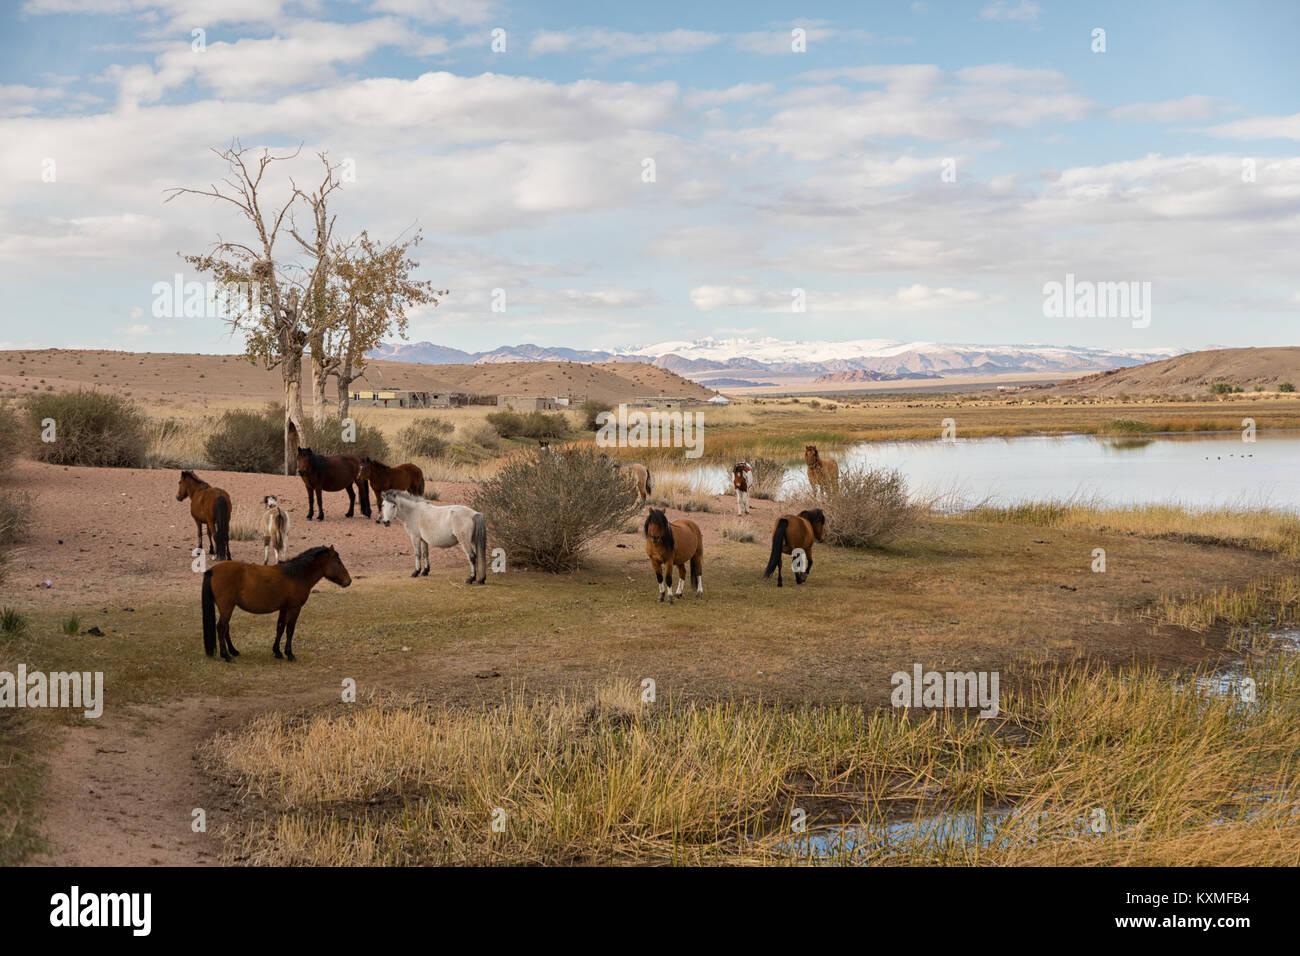 Los caballos descansando Mongolia mongol banco río Imagen De Stock